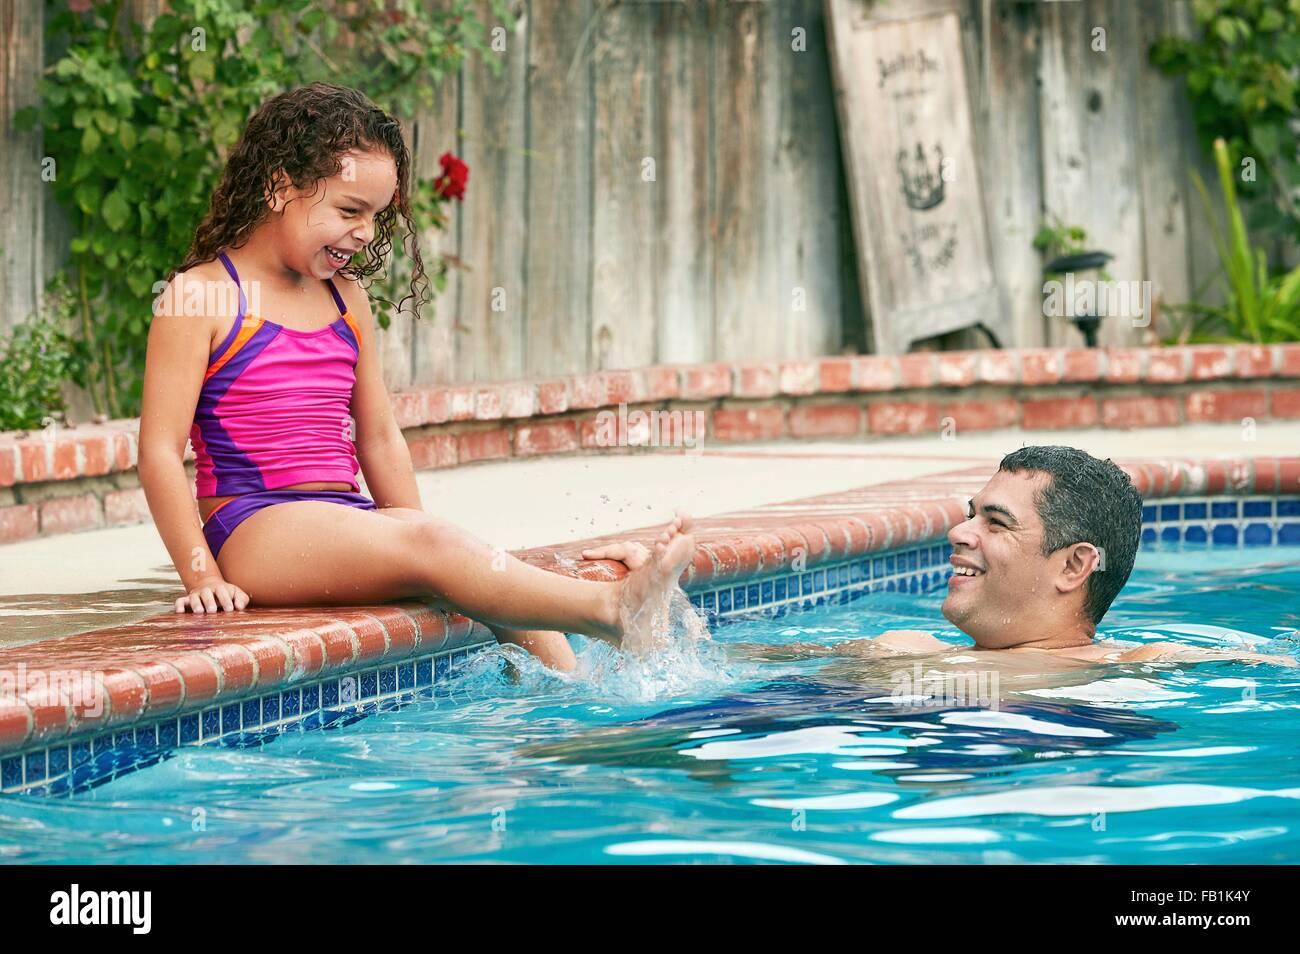 Girl wearing swimwear sitting poolside splashing father smiling - Stock Image